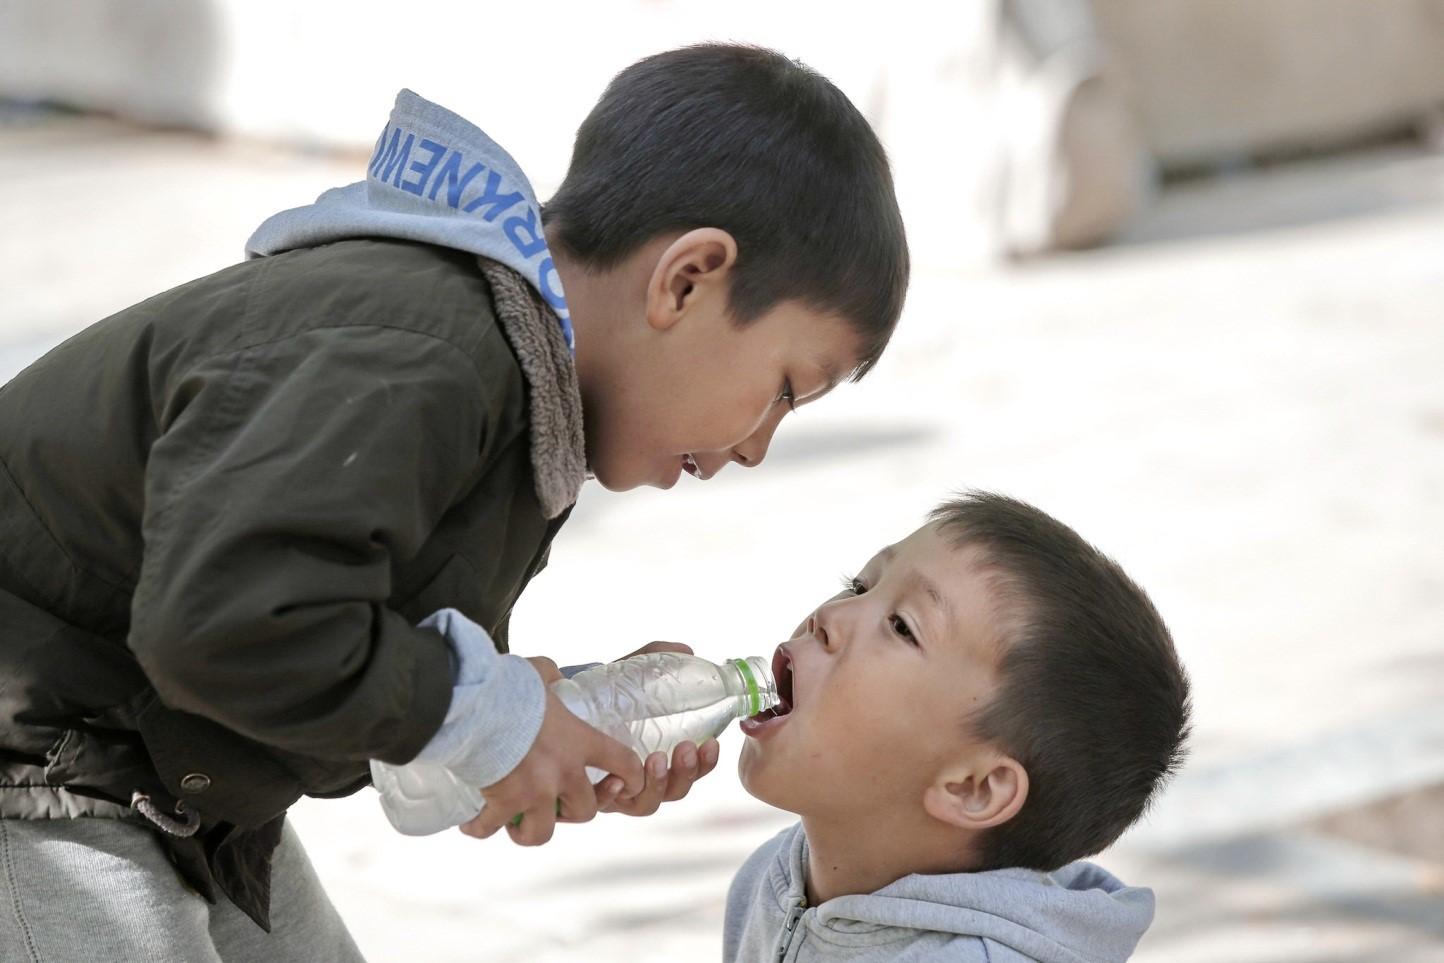 Khuyến khích con giúp đỡ người khác